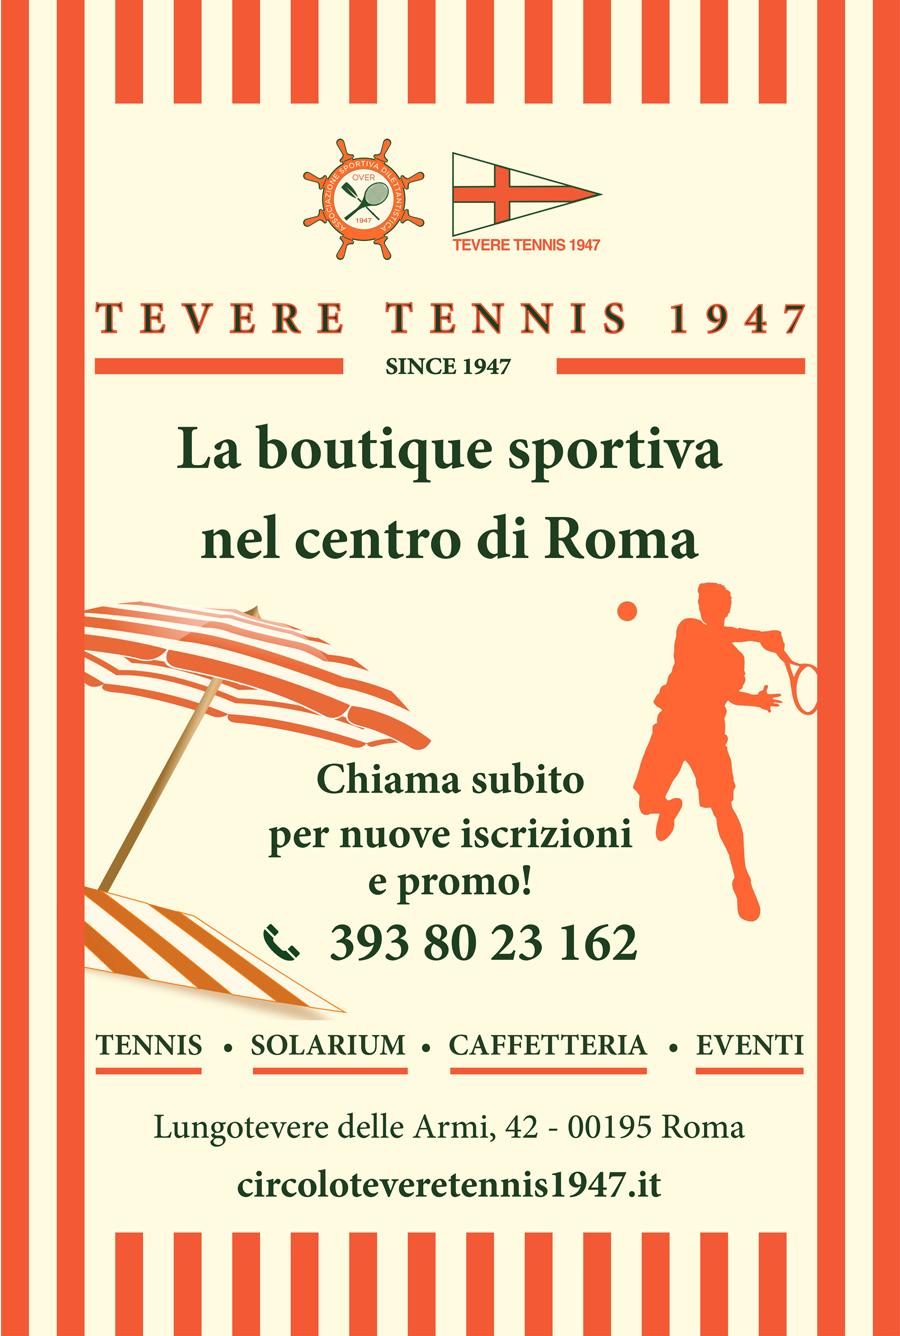 TEVERE TENNIS 1947 La boutique sportiva nel centro di Roma